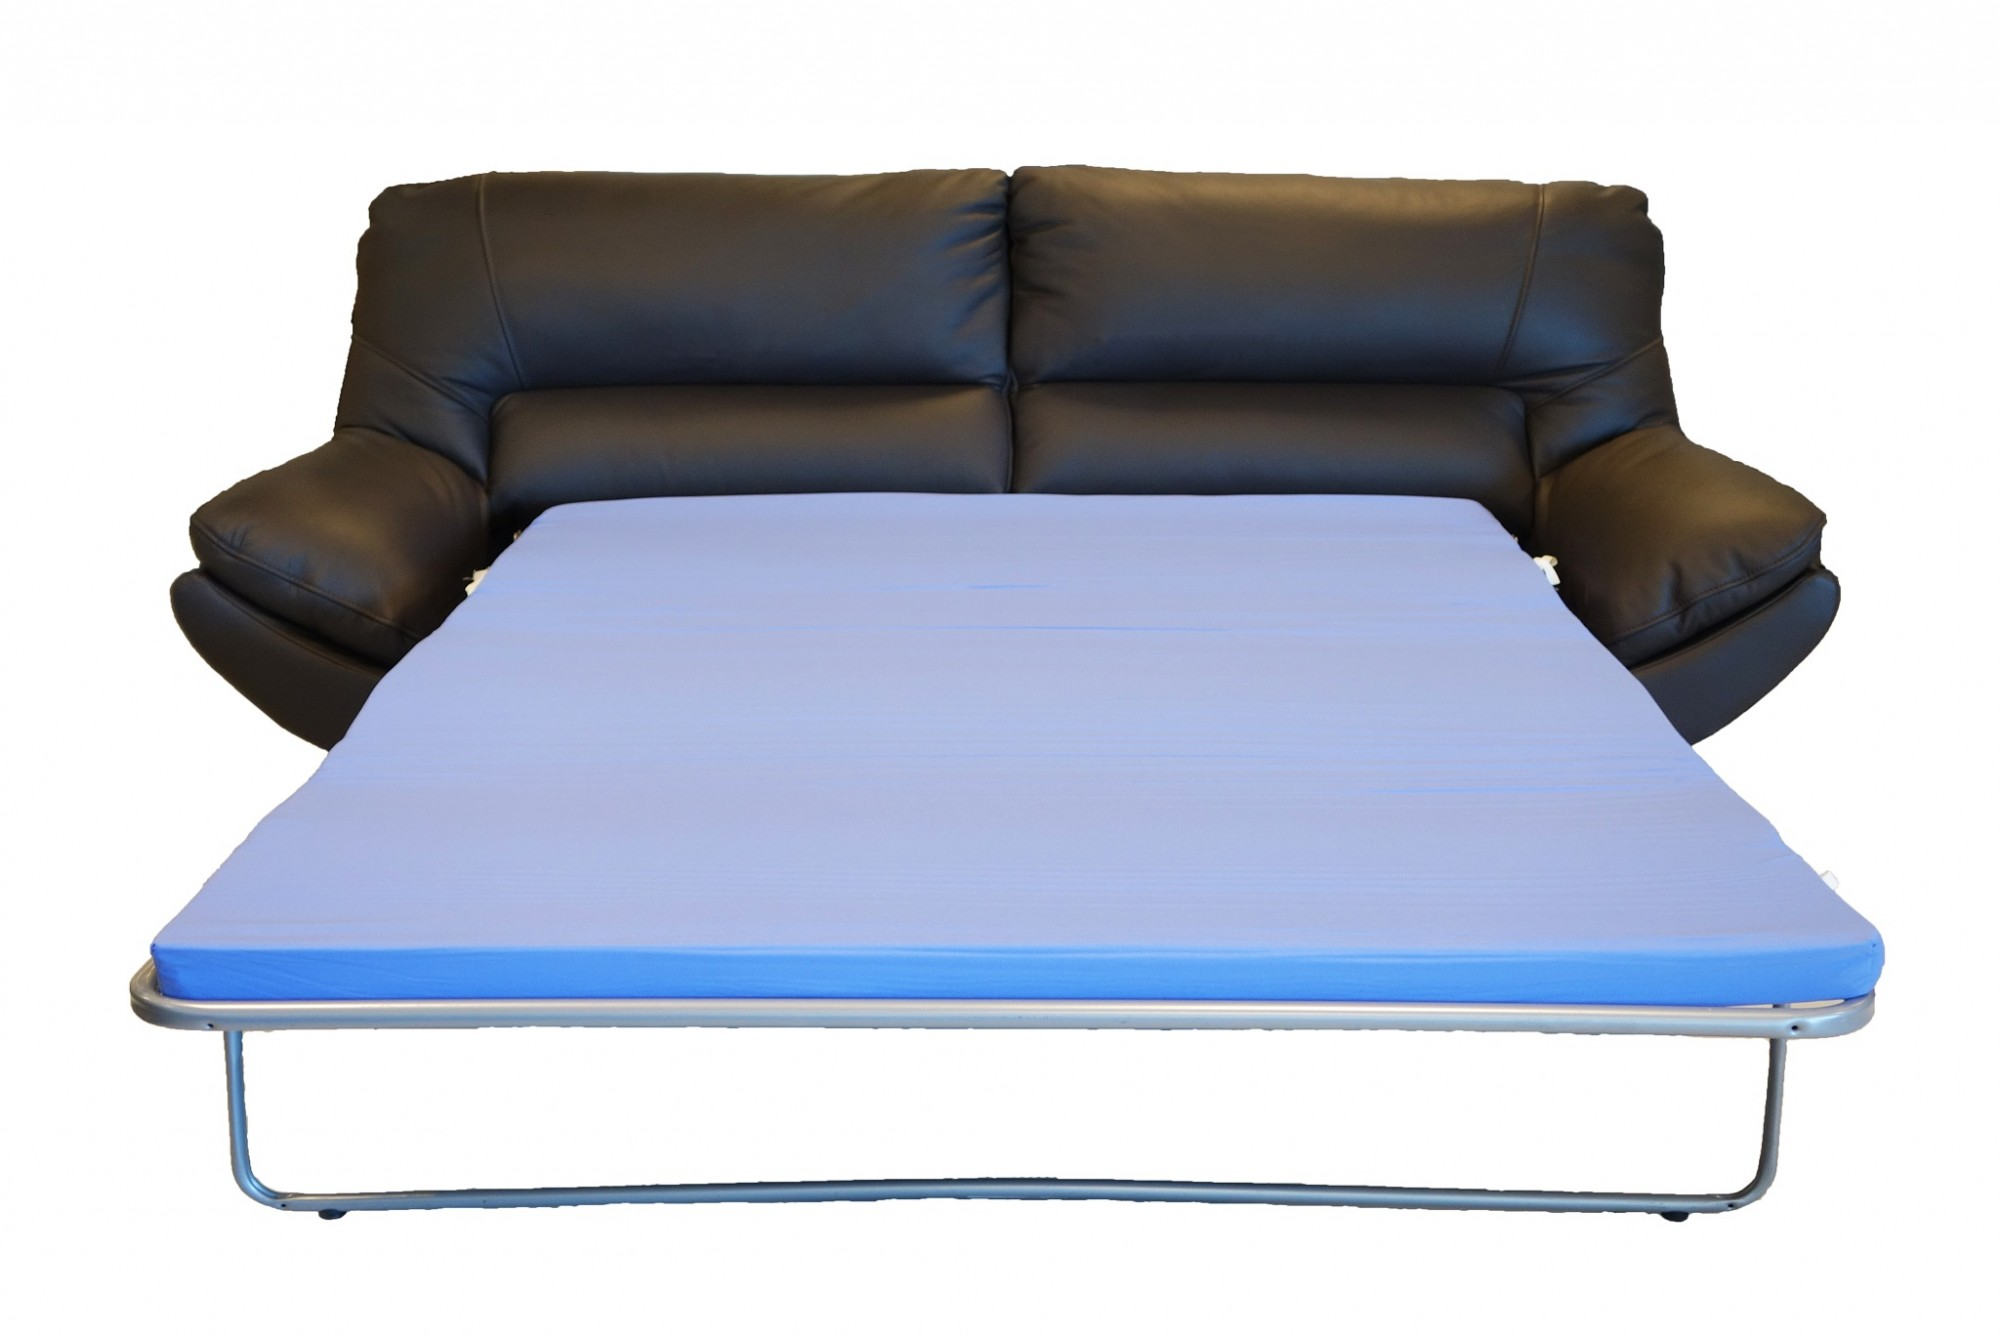 leather 3 seat sofa bed nebraska high back corner silica luxury modern glossyhome